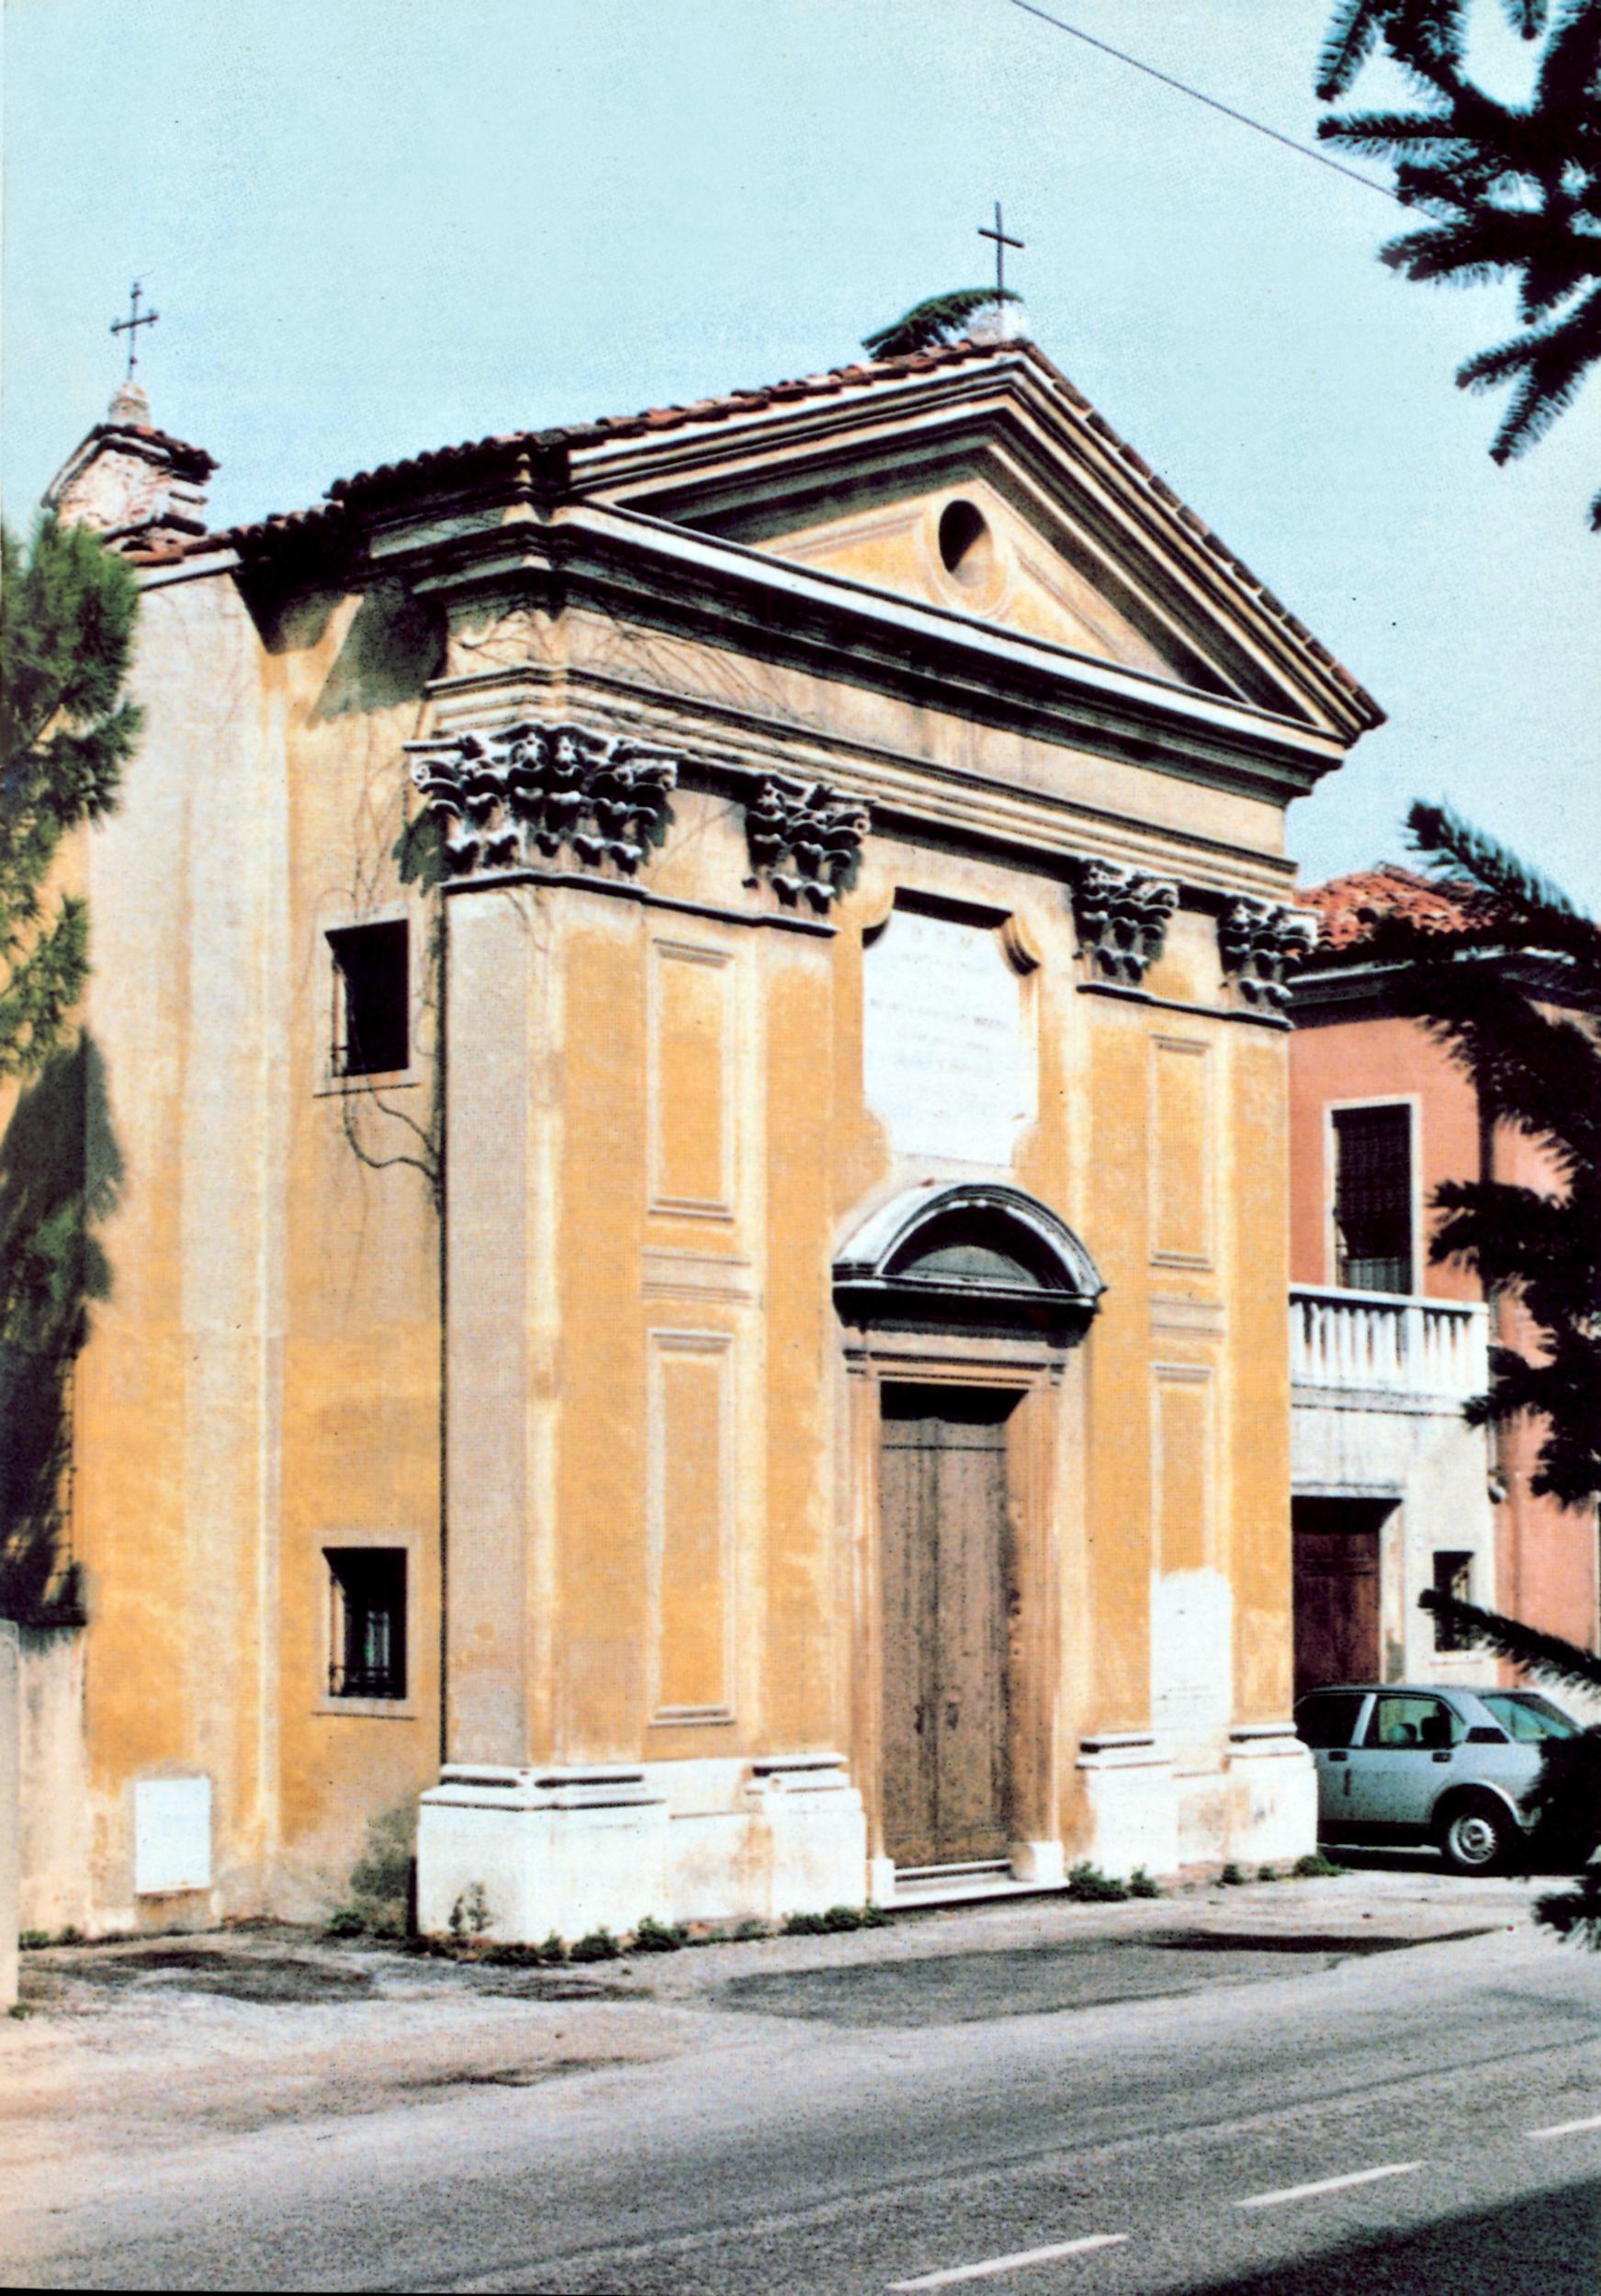 Chiesetta del Conservatorio di Vanzo, antico sobborgo di Padova.